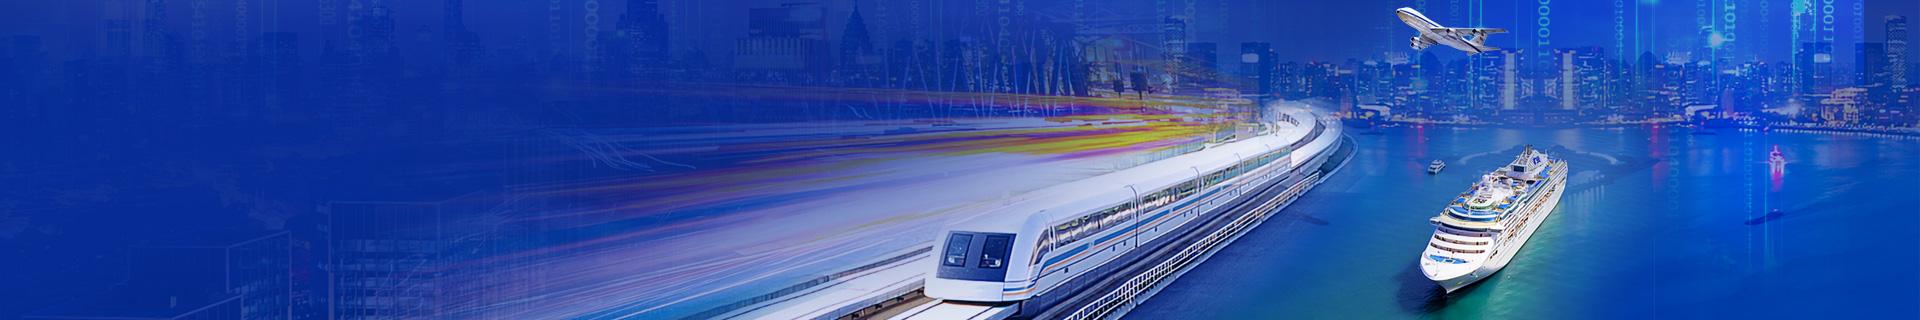 智慧交通路 由宝盈官网创新